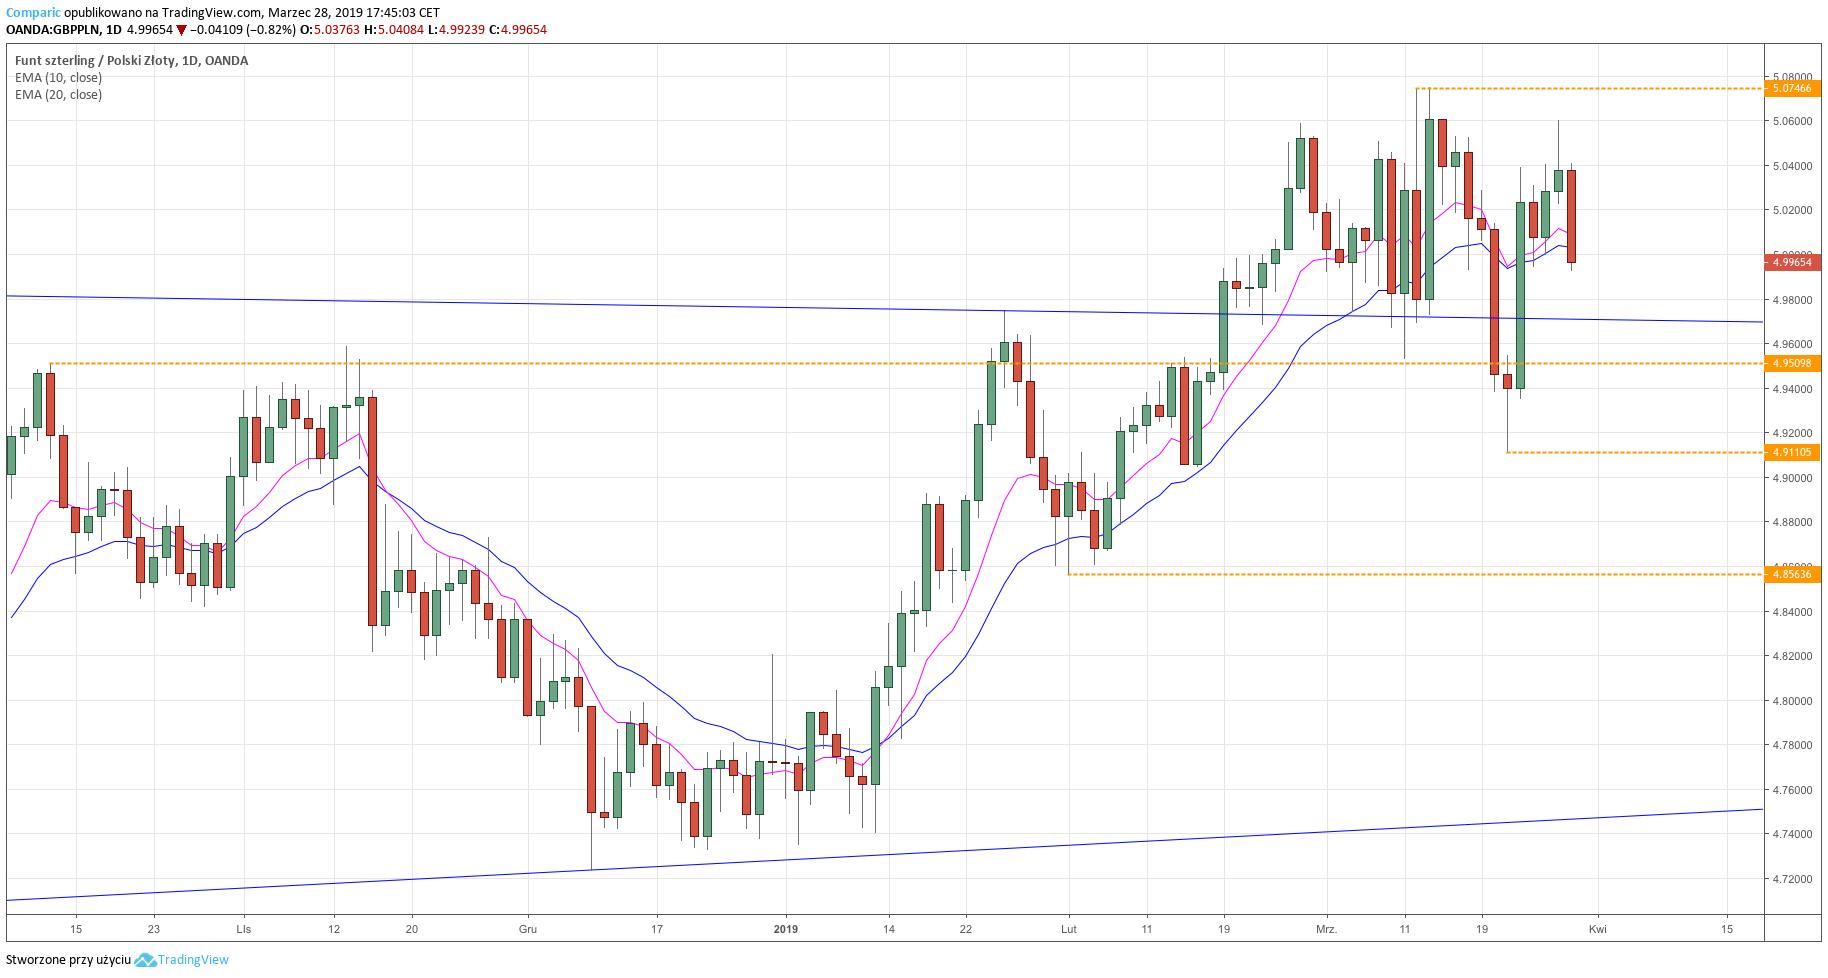 GBP/PLN - wykres dzienny - 28 marca 2019